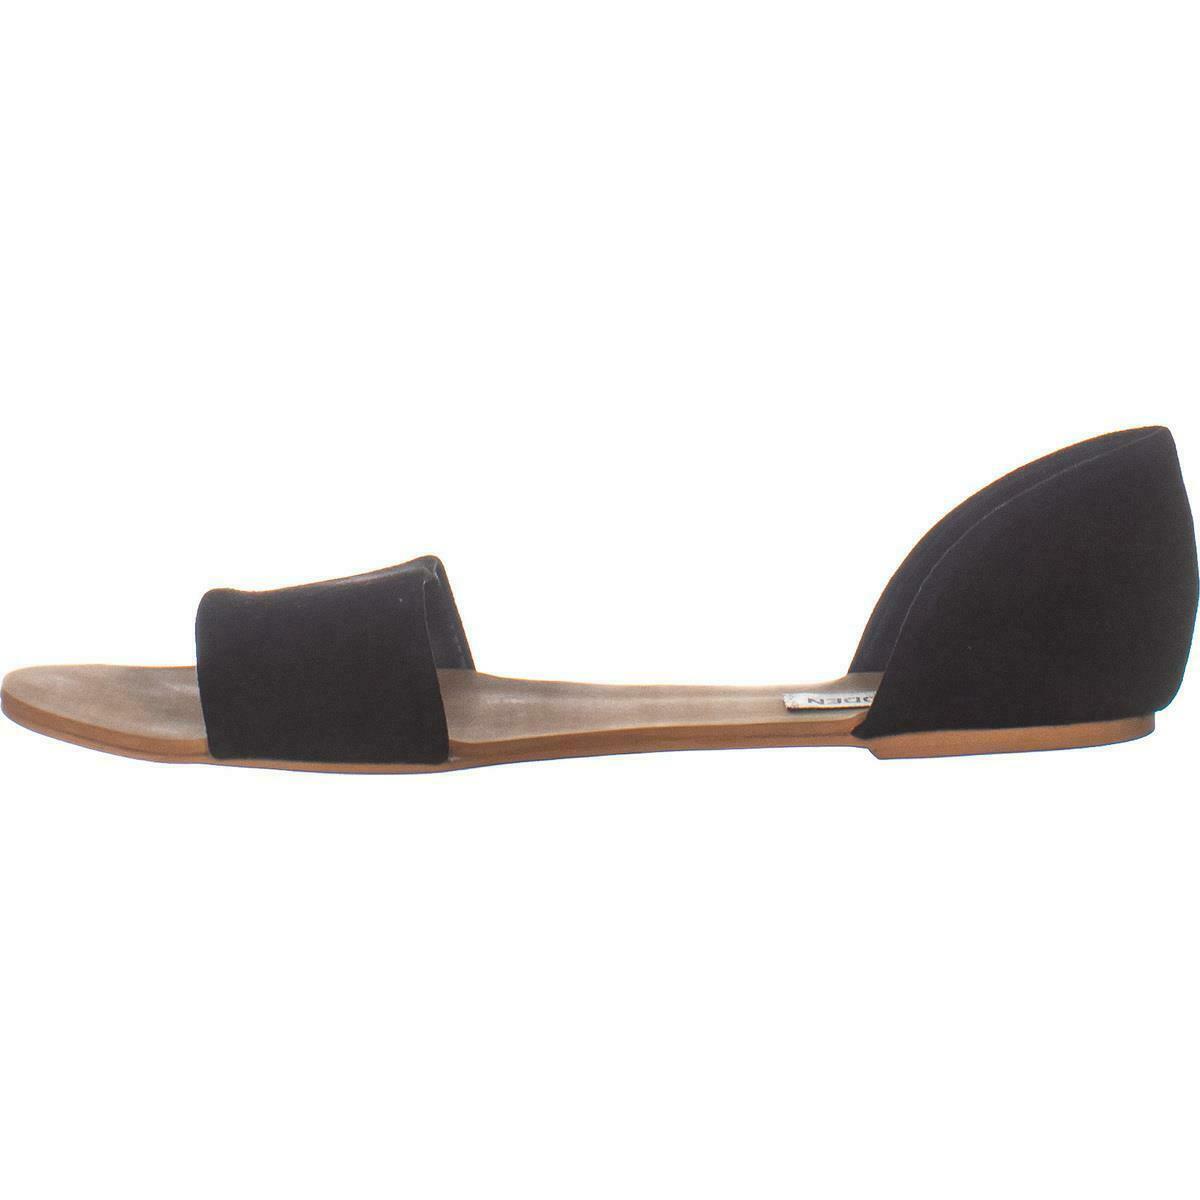 Steve Madden Corey Slip On Flat Sandals 271, Black Suede, 6 US image 4